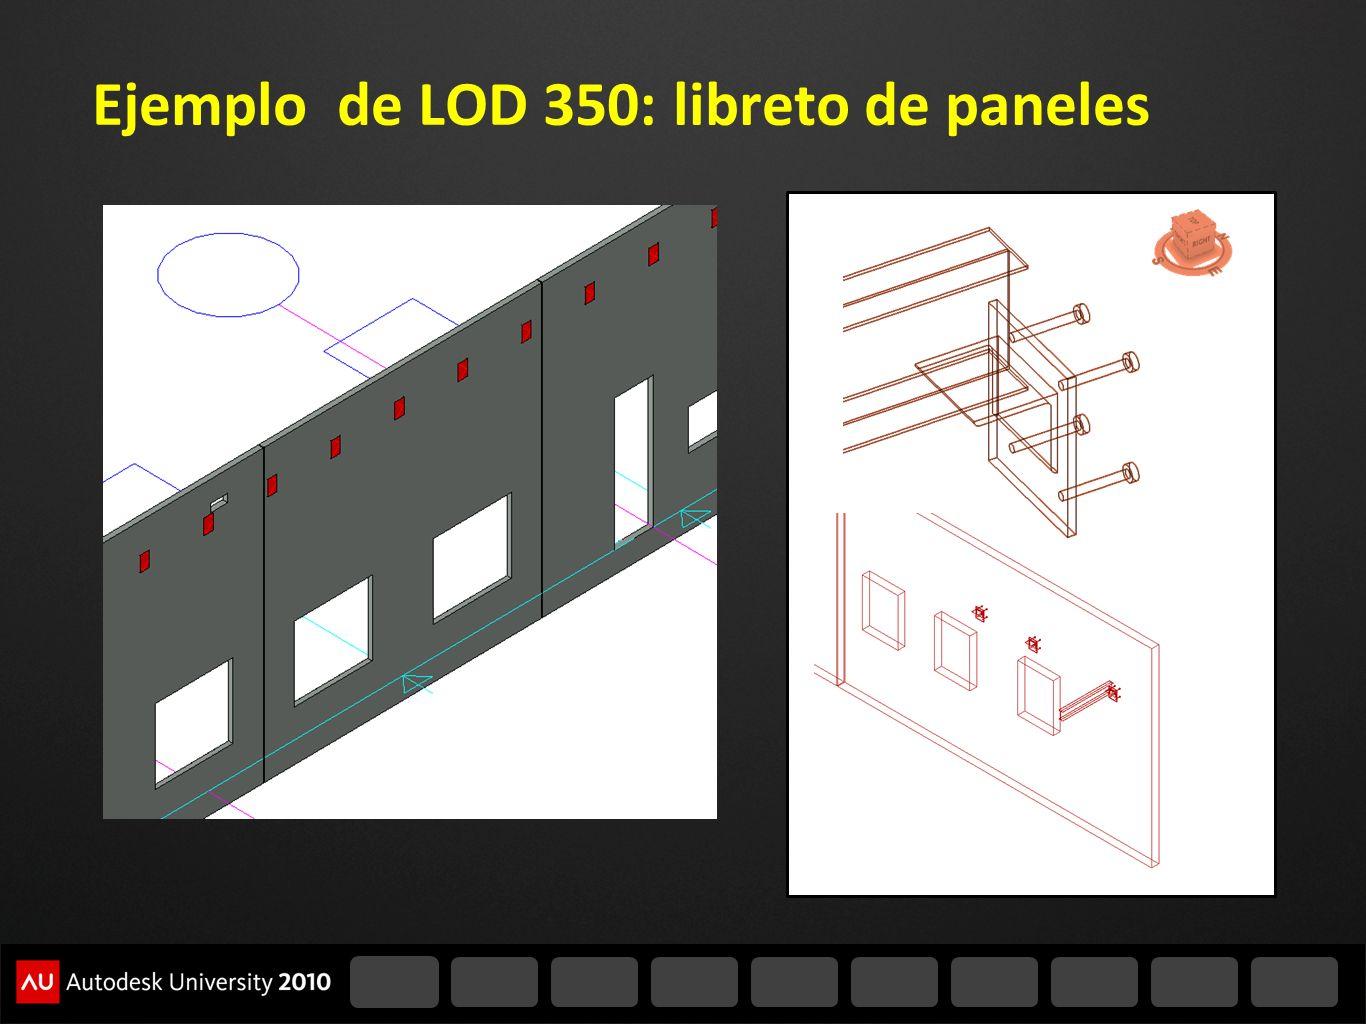 Ejemplo de LOD 350: libreto de paneles